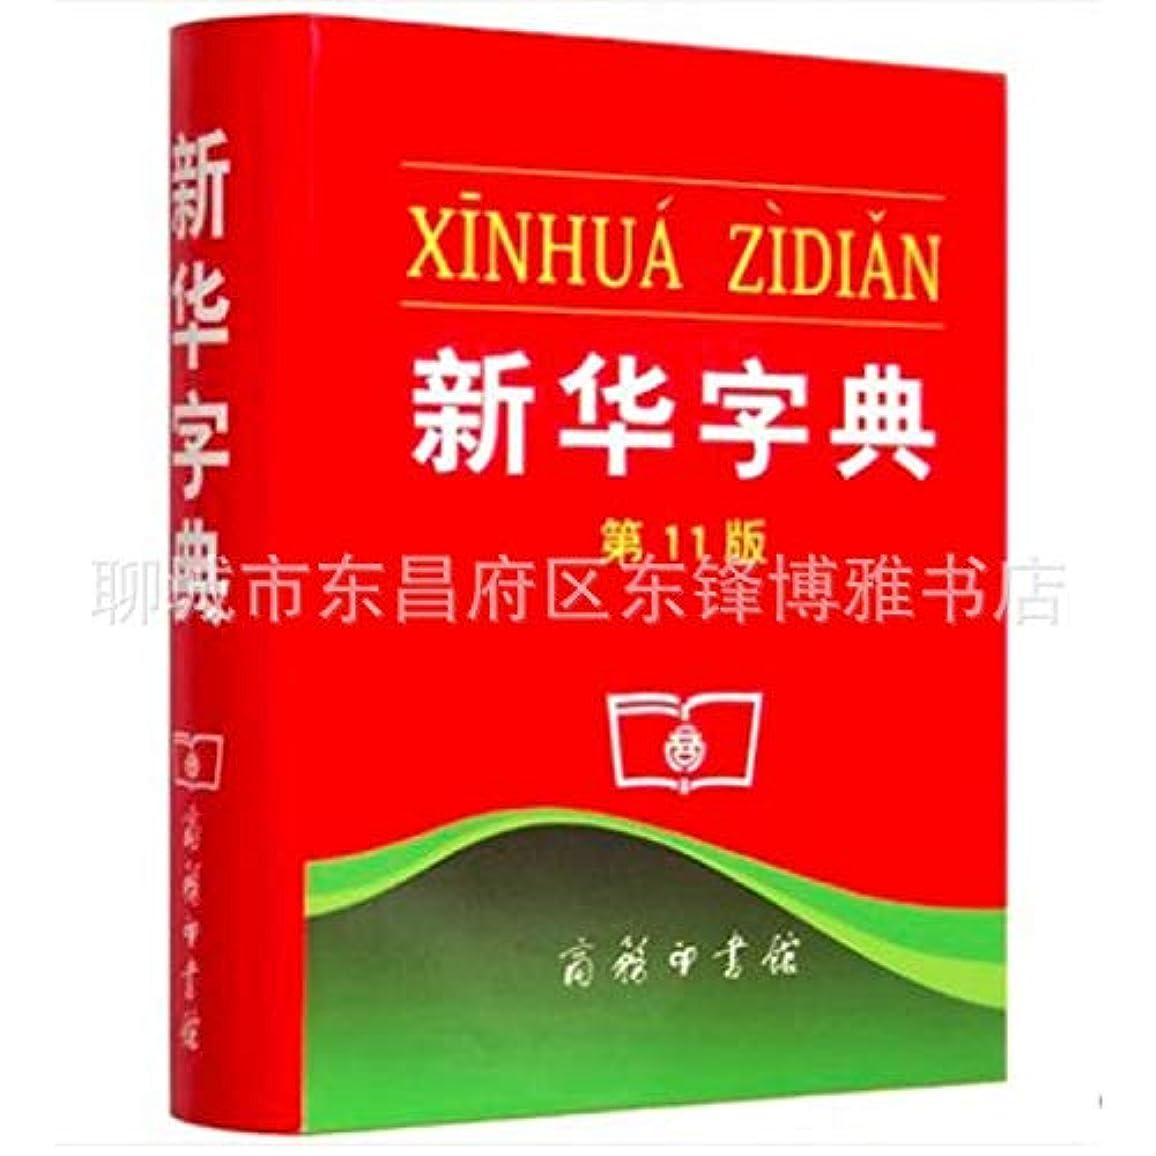 どっち一定フレア2019新華辞典11版モノクロ版新しい生徒専用の新しい実用的なユーティリティブック百科事典